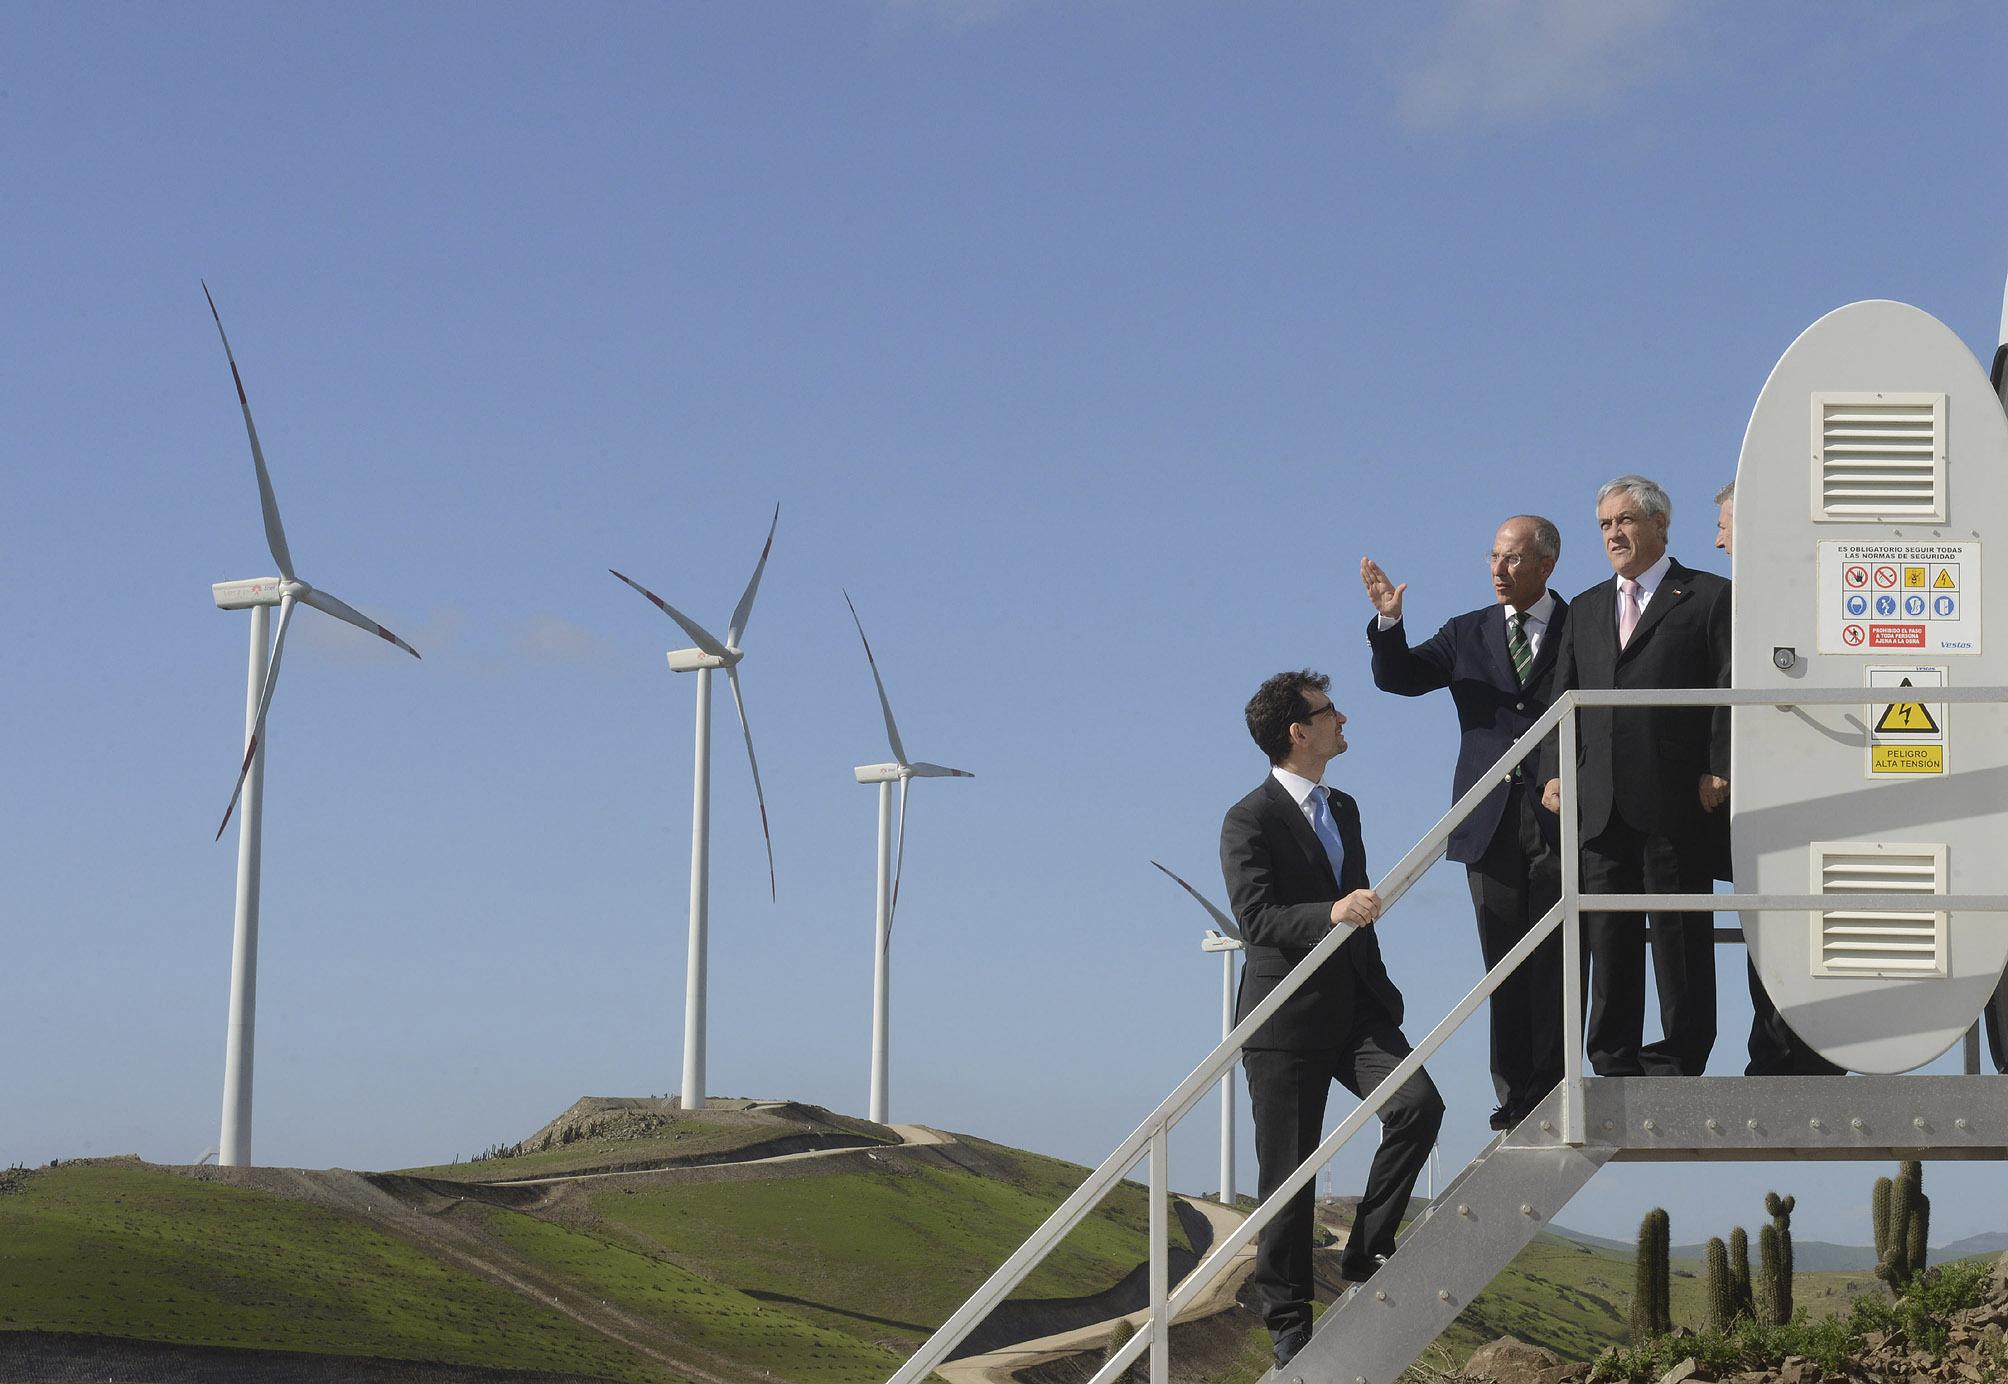 L'inaugurazione dell'impianto eolico di Talinay (90 MW), in grado di generare oltre 200 GWh all'anno, alla presenza del Presidente della Repubblica cileno Sebastián Piñera, e dell'ad di Enel Green Power, Francesco Starace, nel giugno 2013.